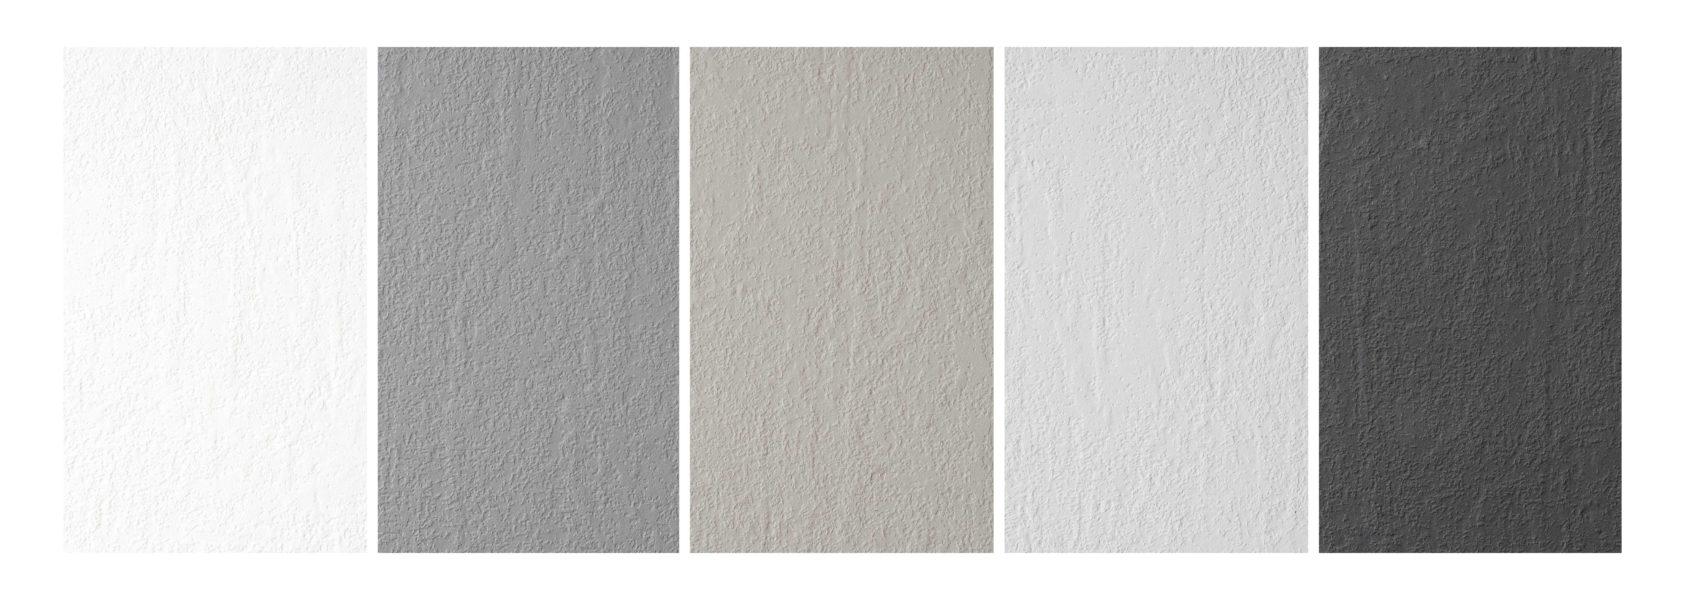 Colori disponibili per finitura materica PLAMKY - Progetto Bagno